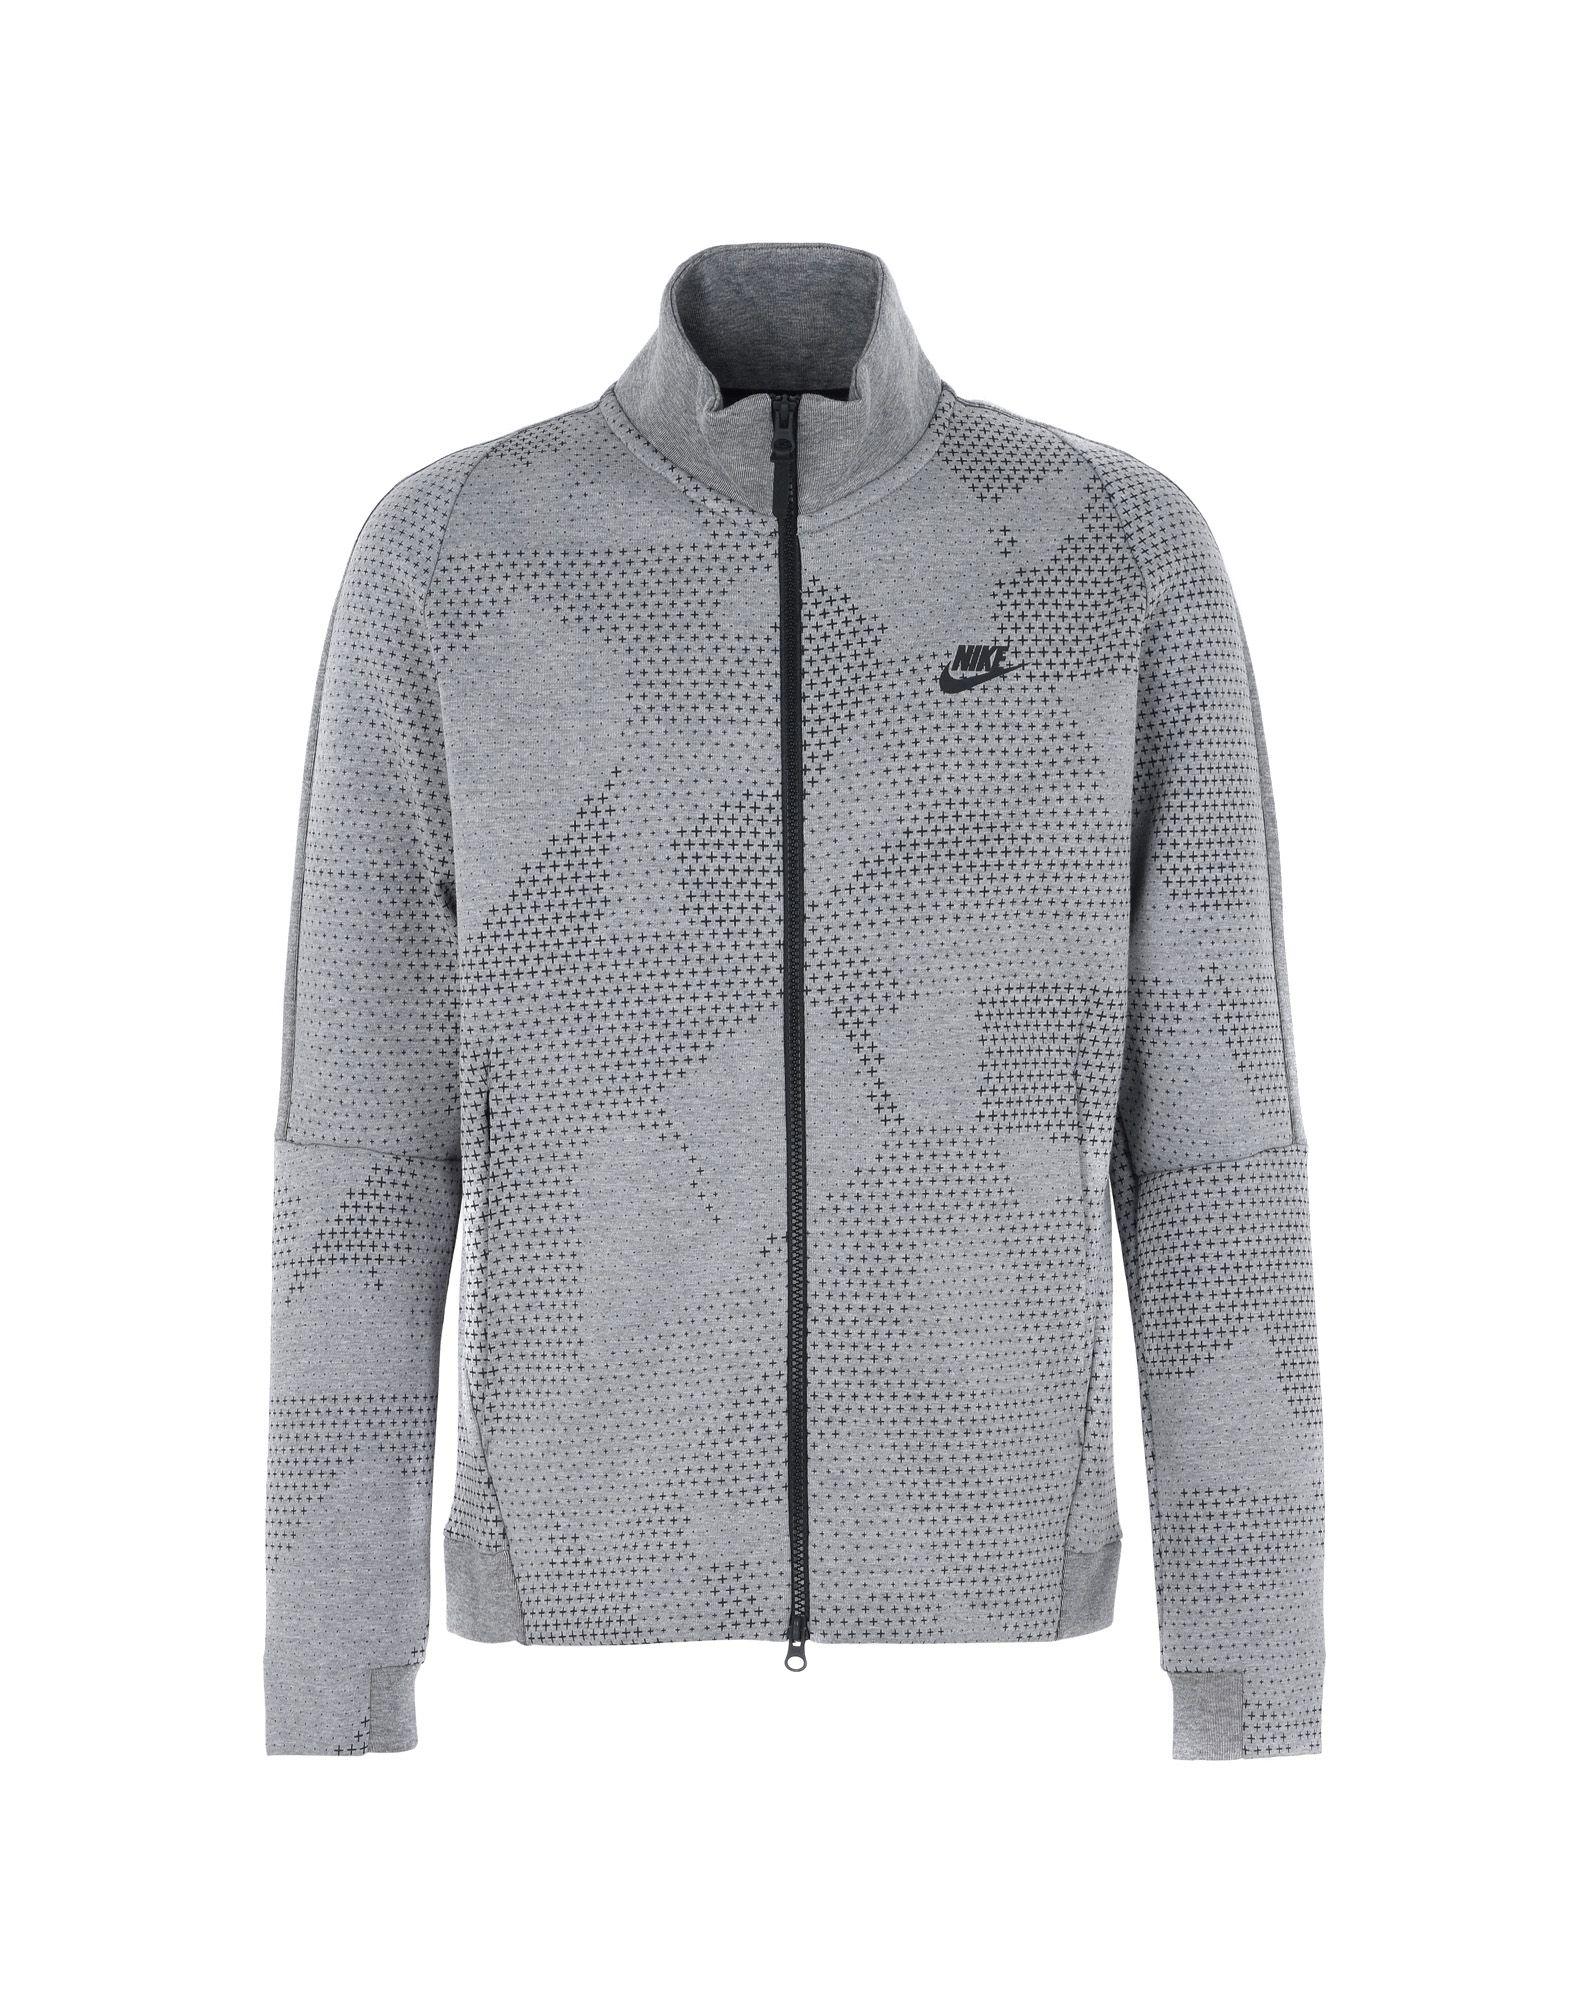 Giubbotto Nike  Tech Fleece Jacket - Uomo - Acquista online su